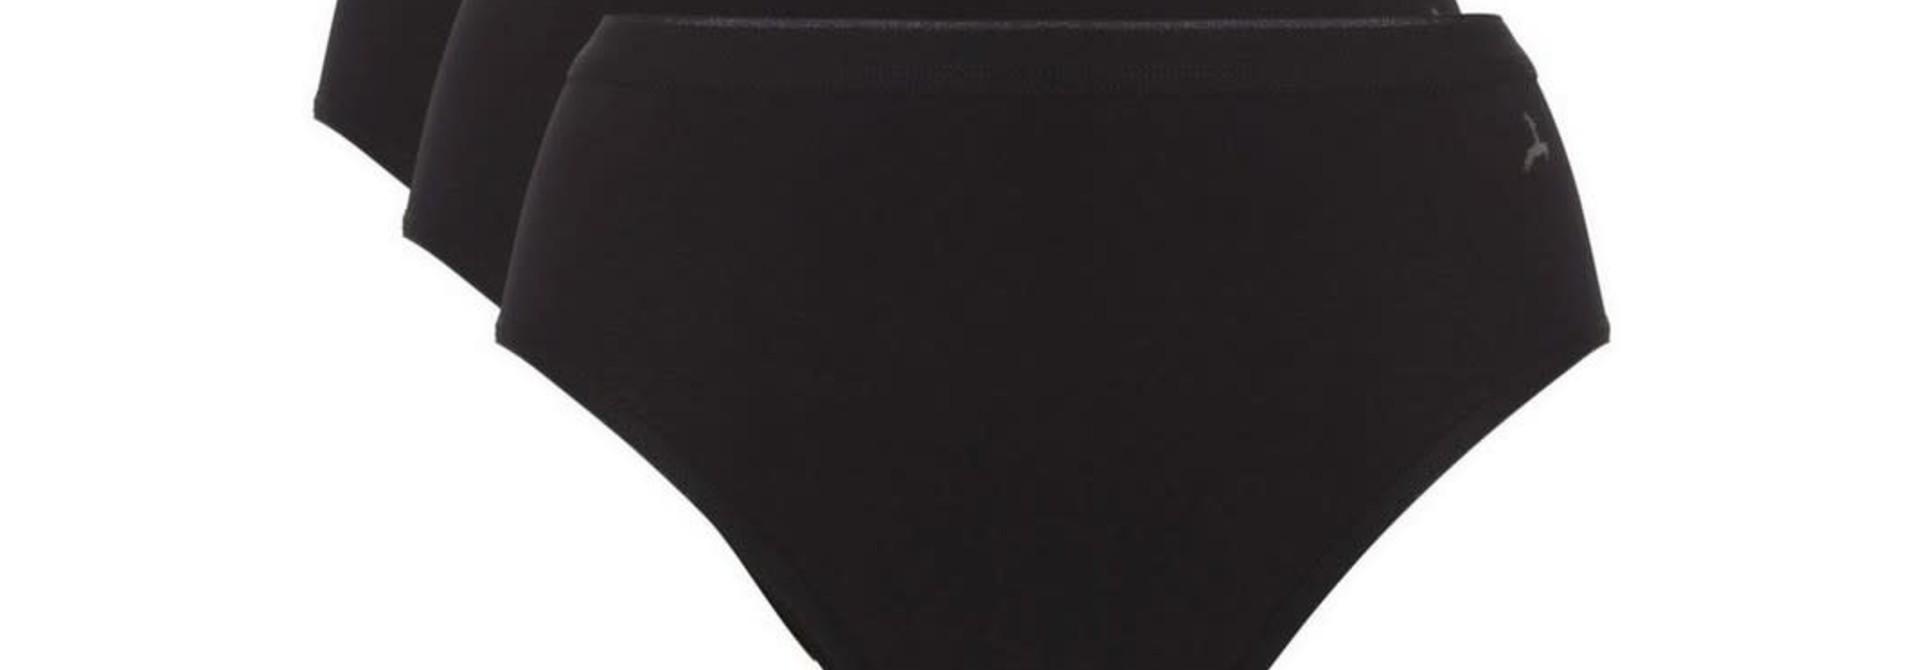 Highleg Basic 3-Pack 30194 - zwart